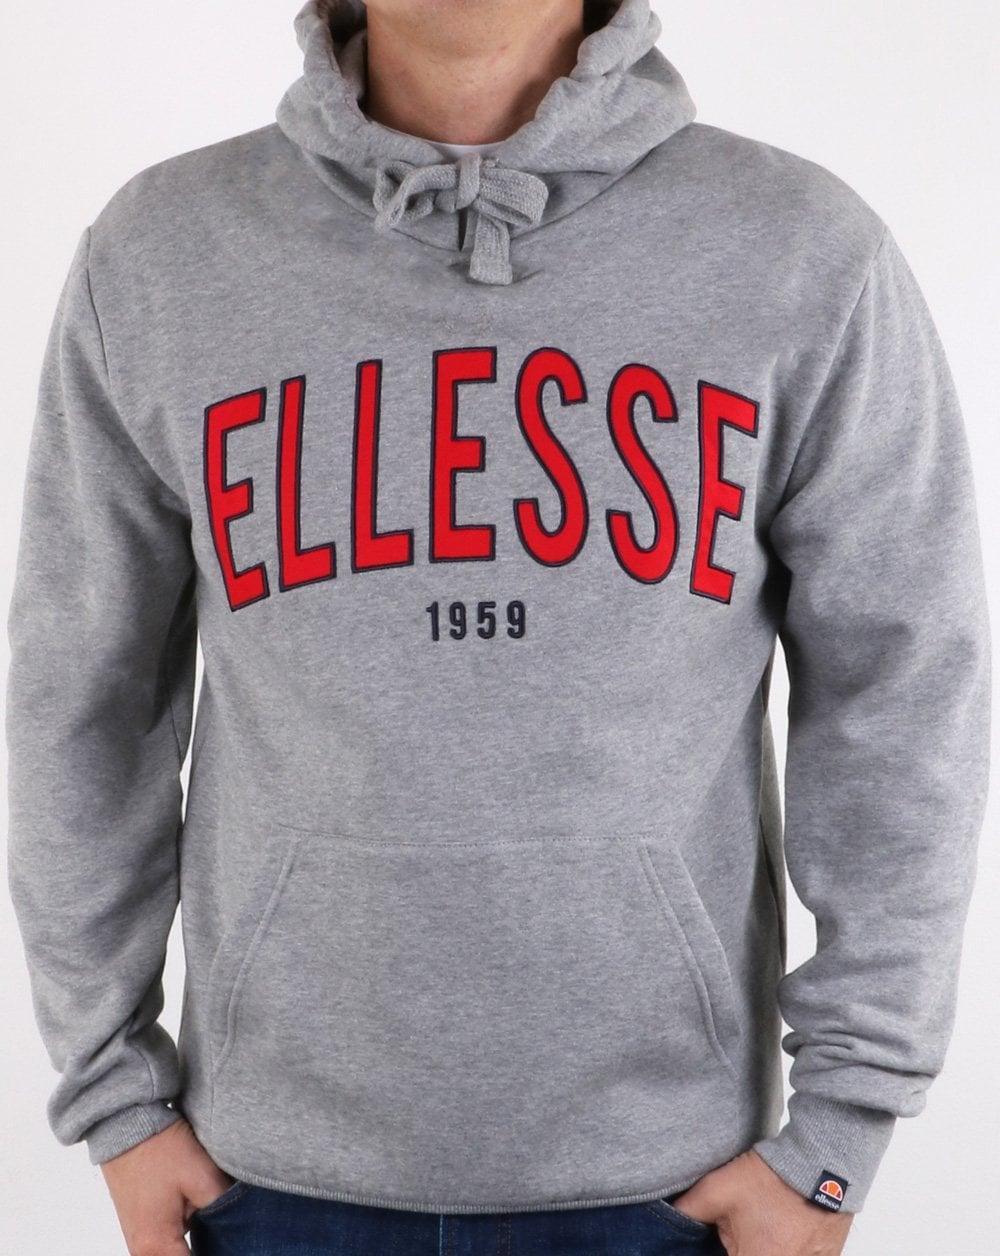 070291b45 Ellesse 90's Outline Hoody Grey, ellesse, casual, hoody